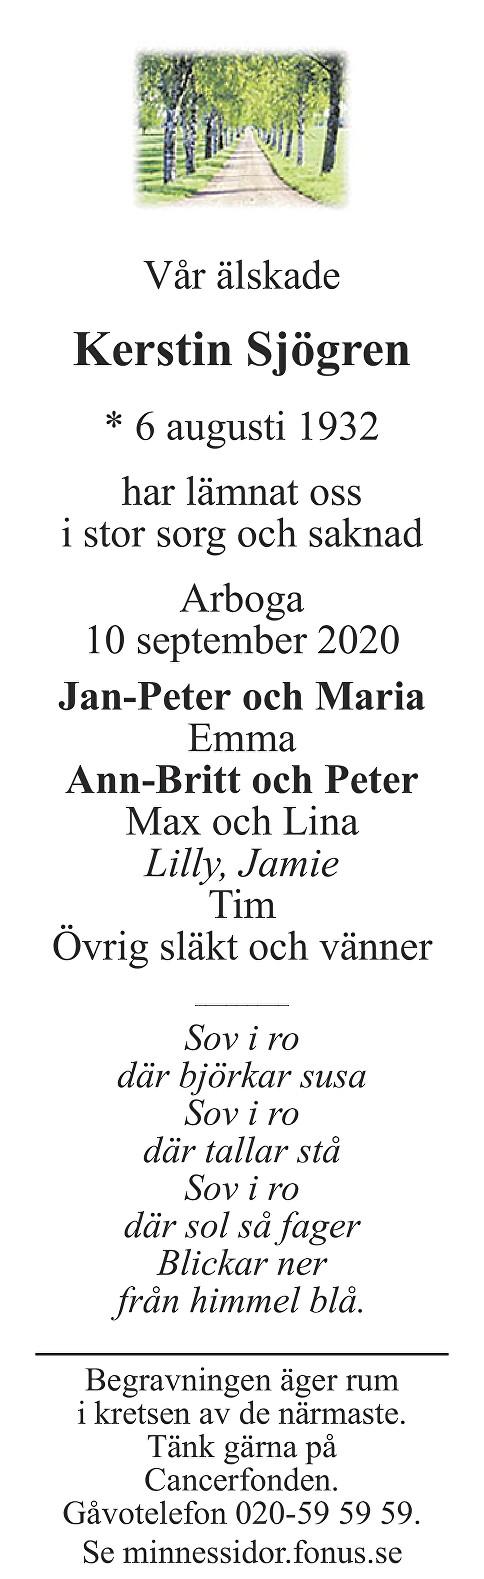 Kerstin Sjögren Death notice